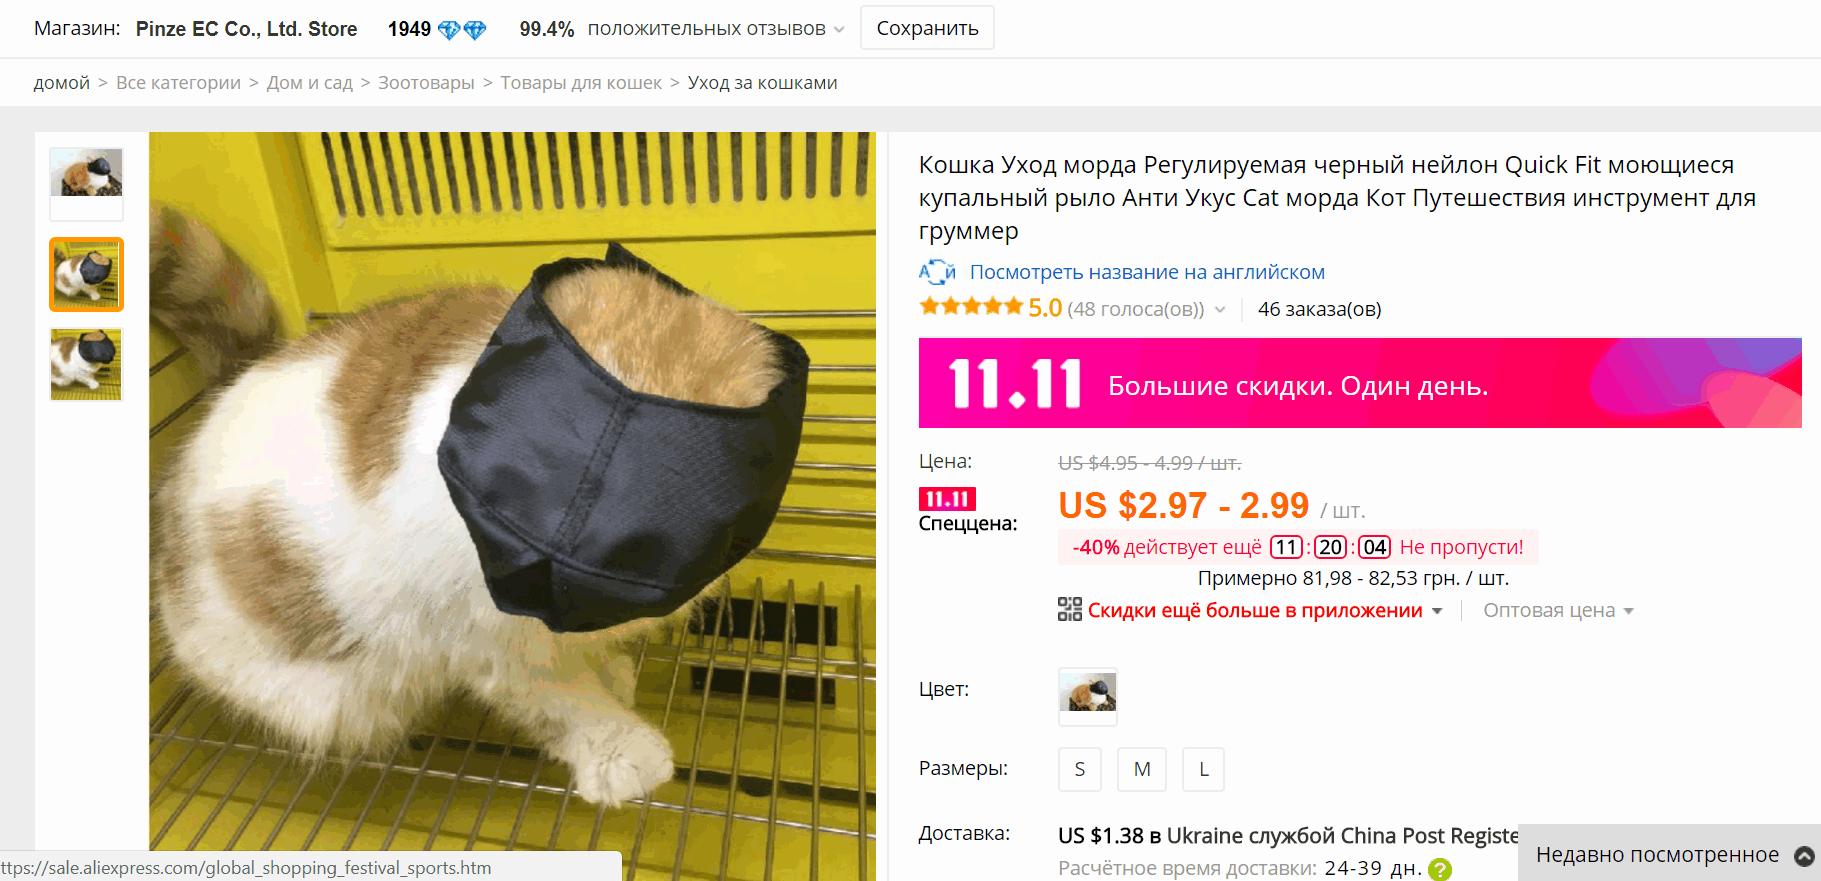 рыло для кота